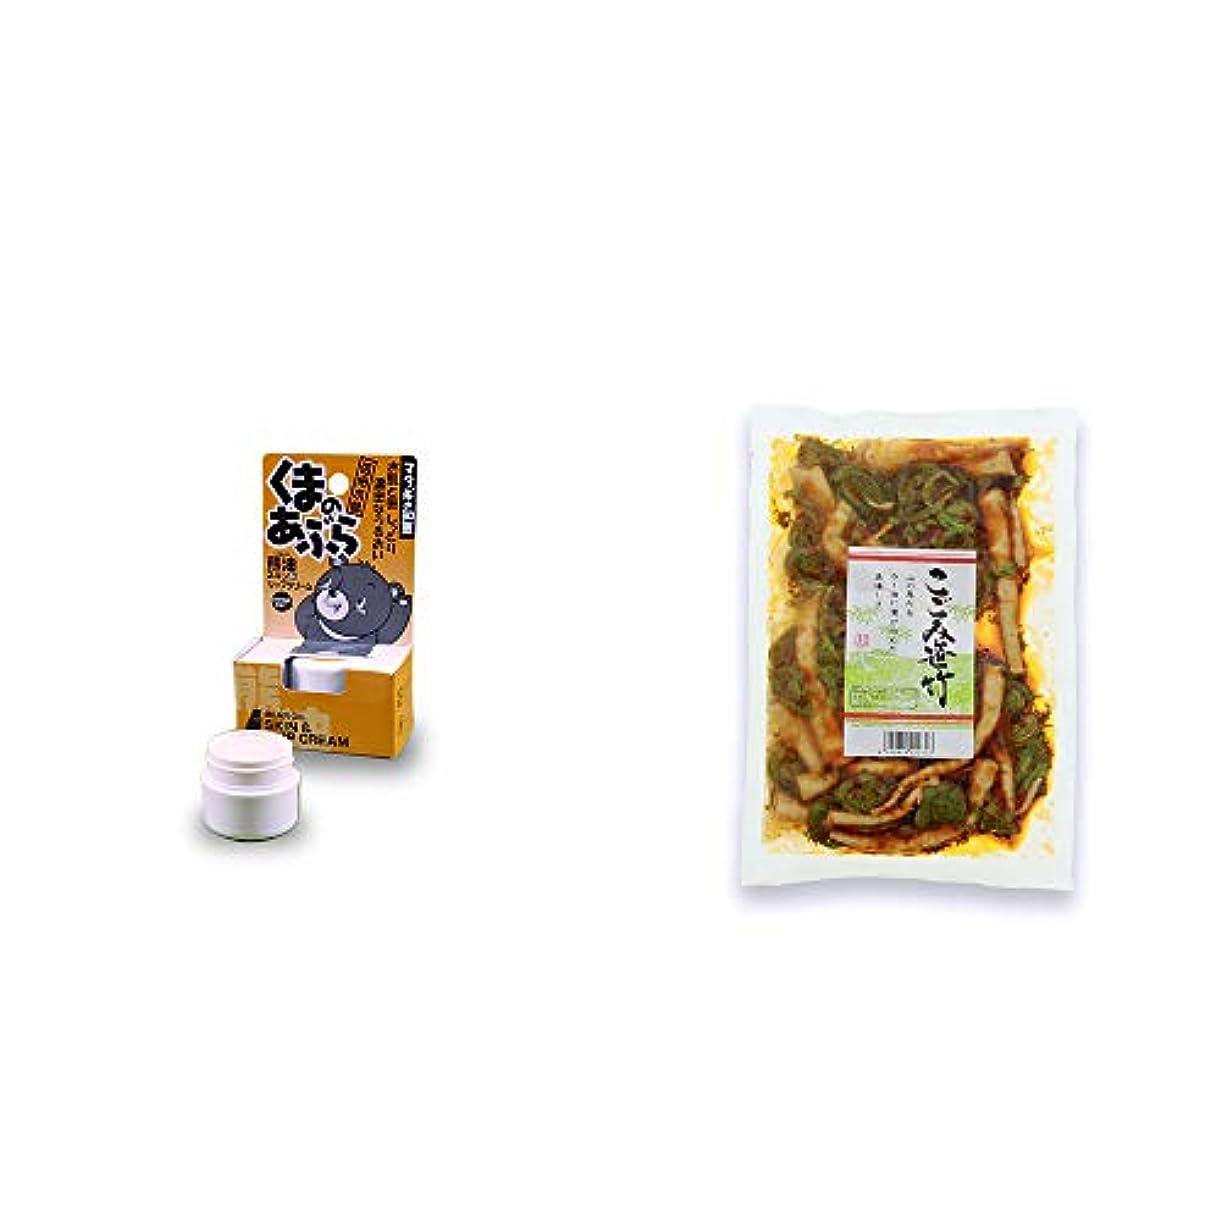 の間にアクティビティ法律により[2点セット] 信州木曽 くまのあぶら 熊油スキン&リップクリーム(9g)?こごみ笹竹(250g)